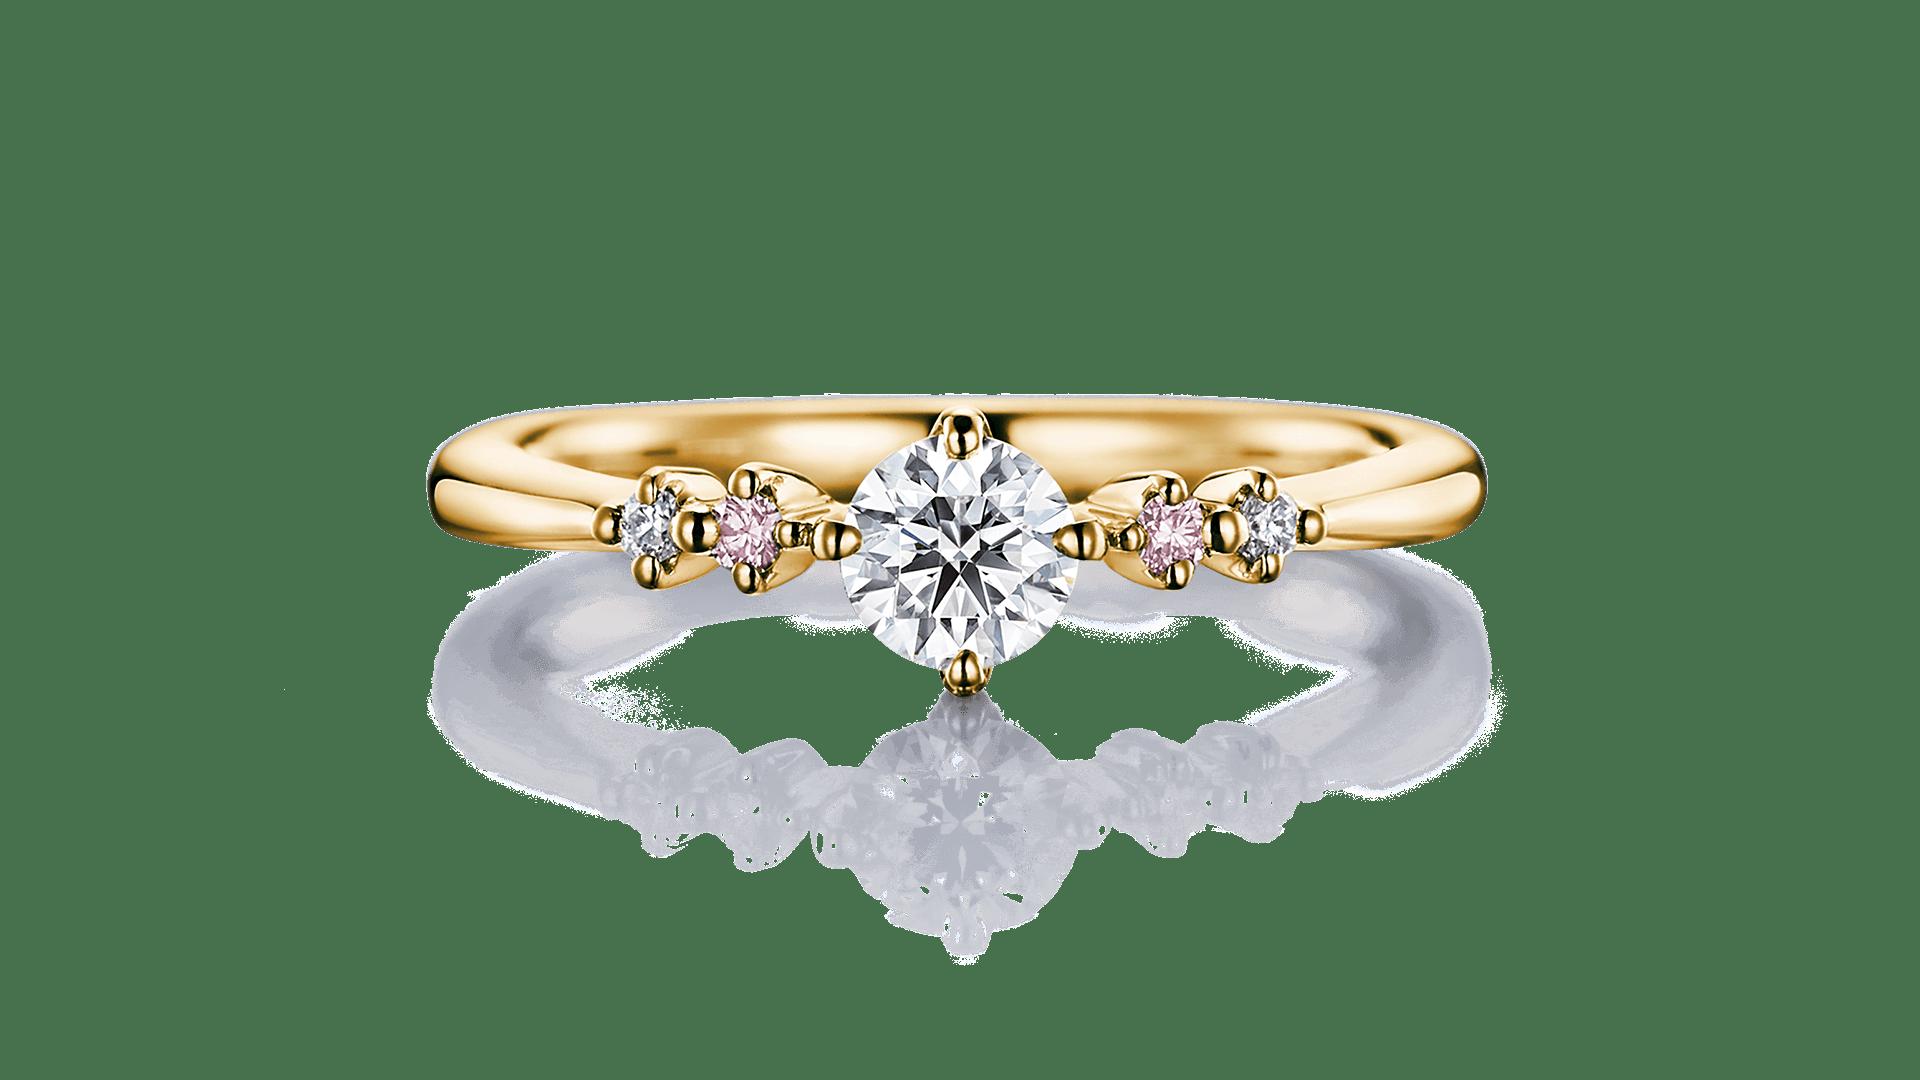 twinkle トゥインクル | 婚約指輪サムネイル 1